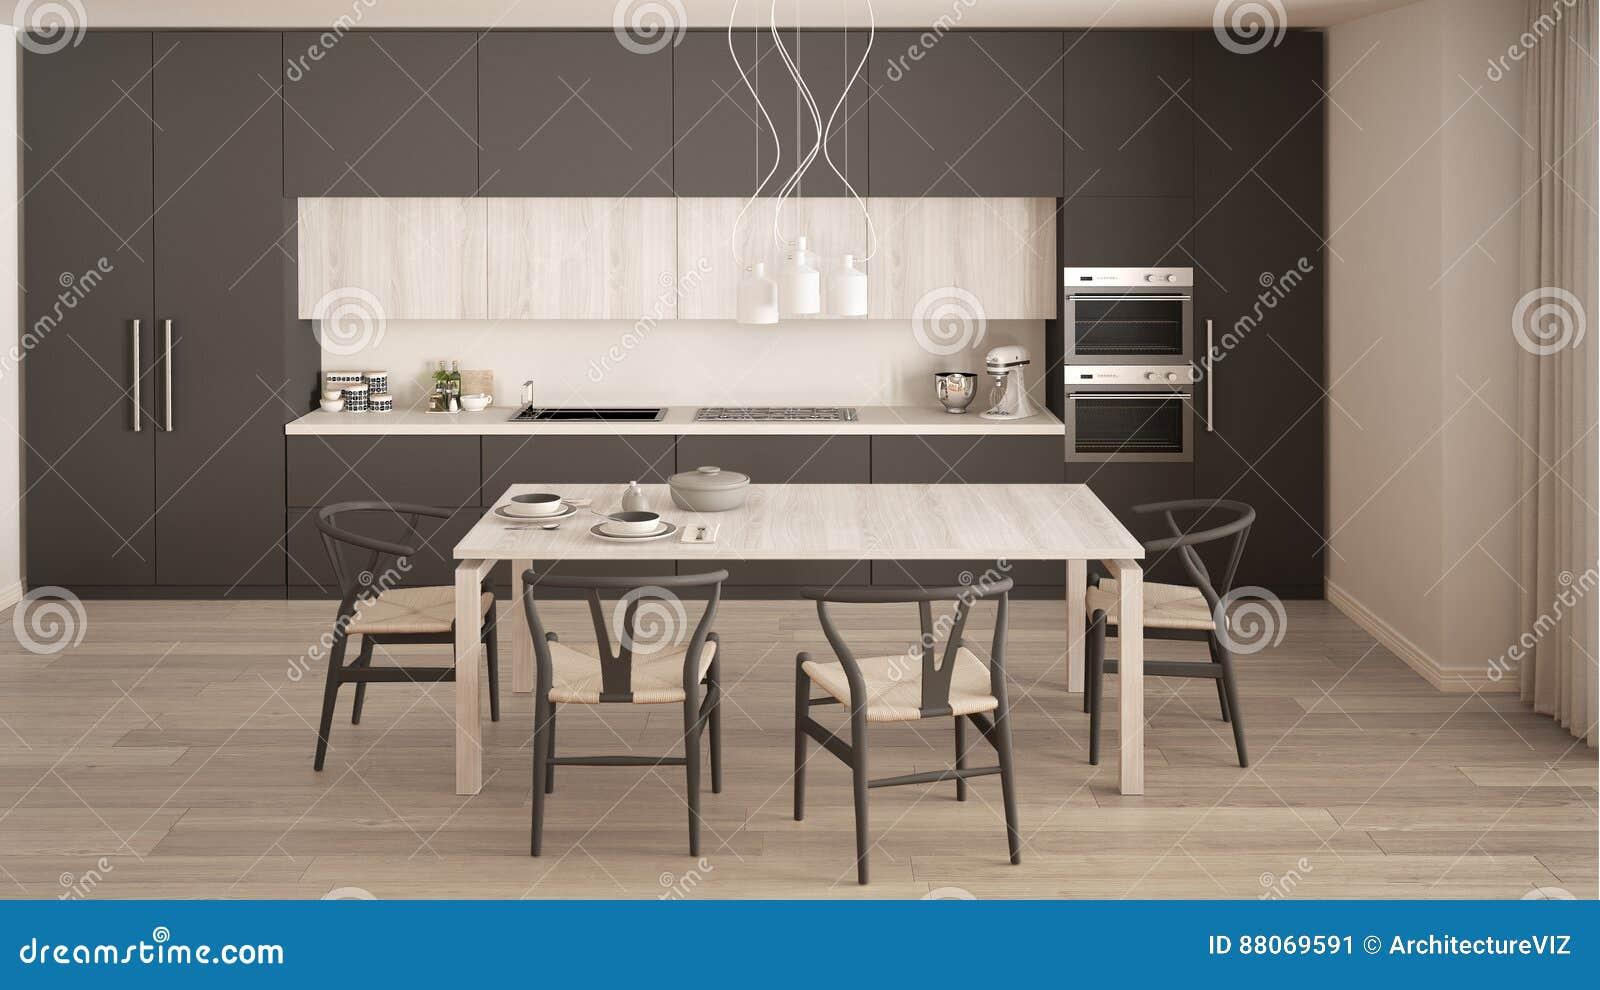 Moderne minimale grijze keuken met houten vloer klassiek binnenland stock foto afbeelding - Eetzaal grijze moderne ...